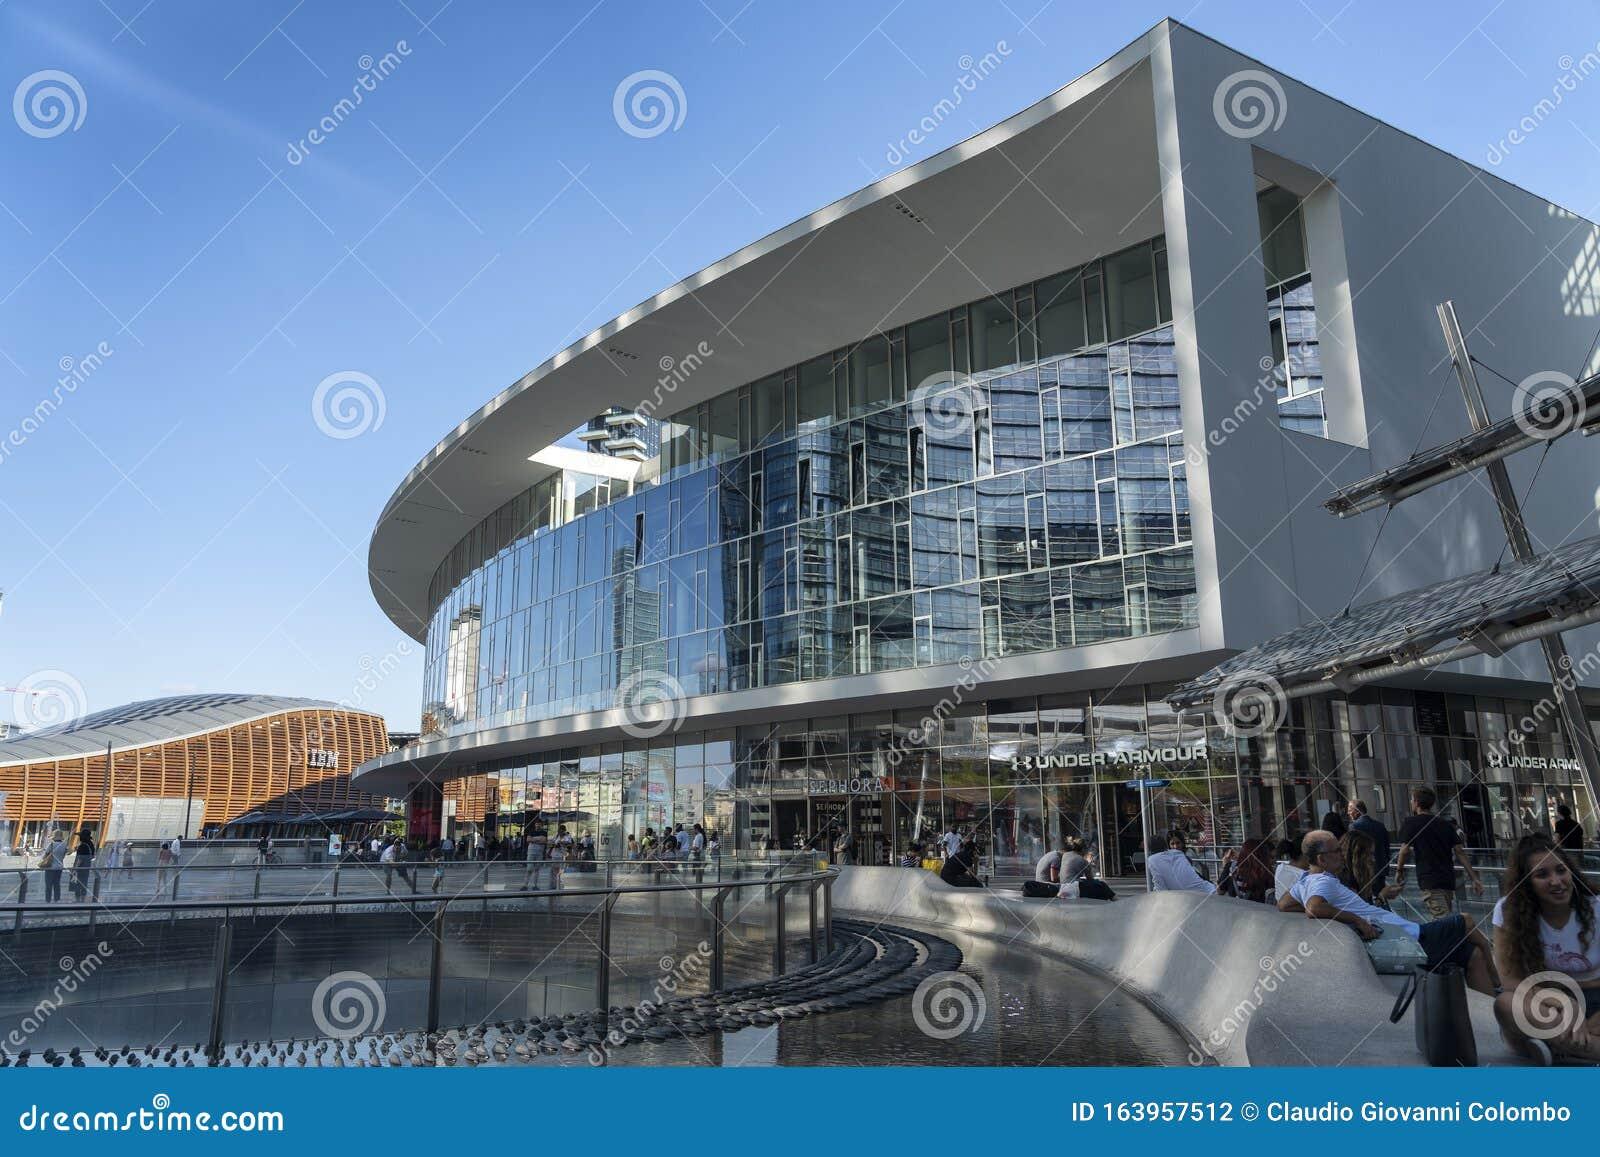 Moderne Gebäude Am Platz Gae Aulenti In Mailand Redaktionelles  Stockfotografie - Bild von horizont, grenzstein: 163957512